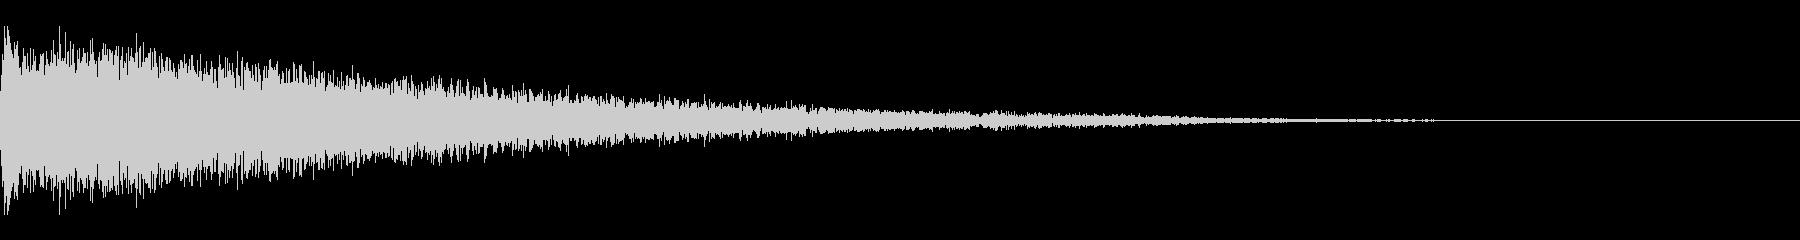 ピアノの低音 ガーン・絶望・衝撃の未再生の波形